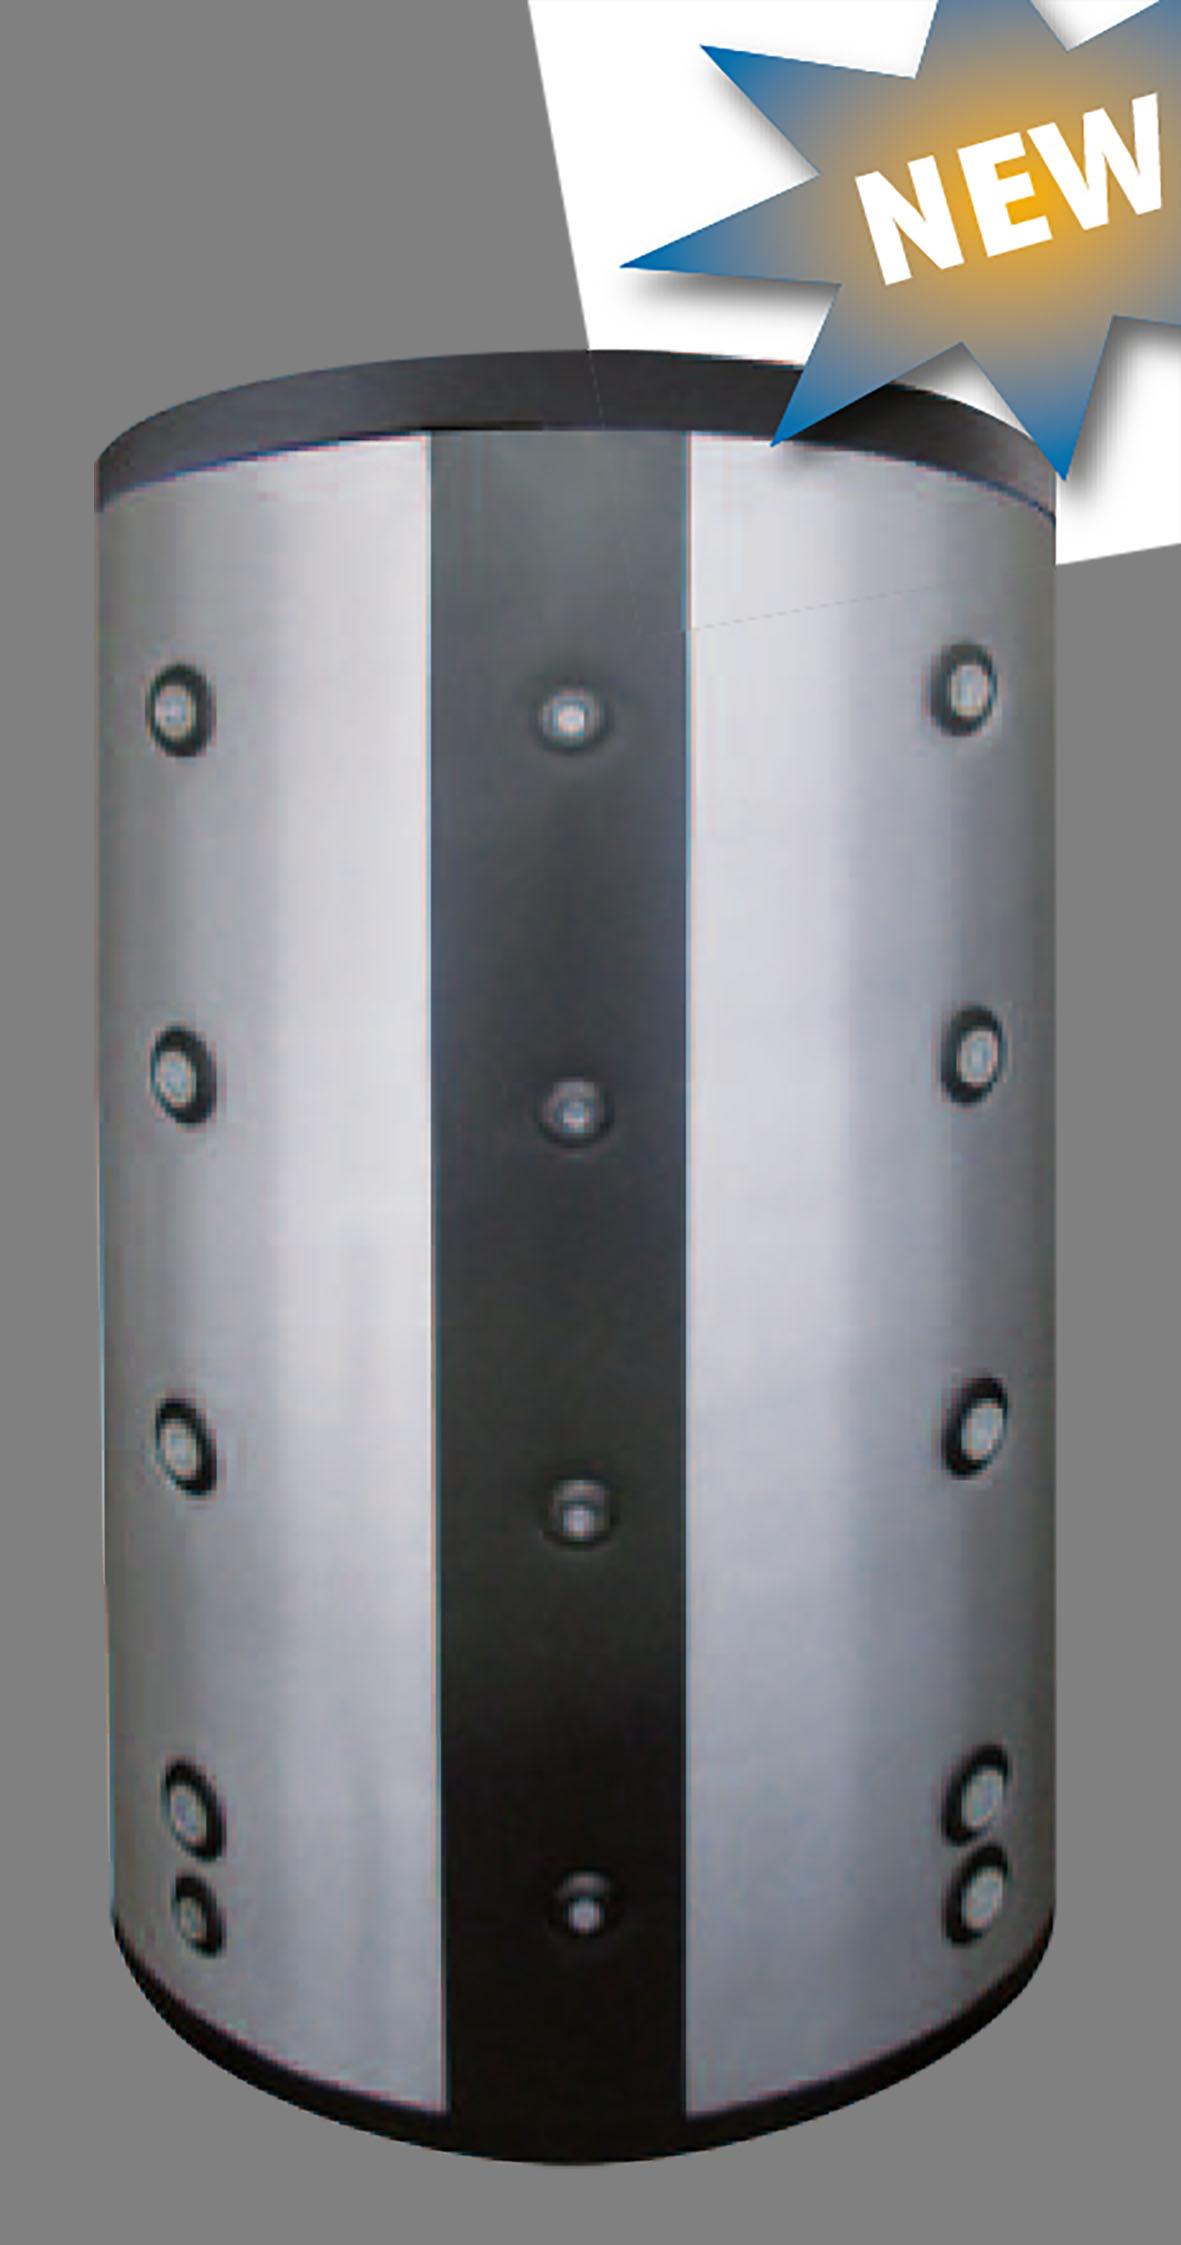 heizung trinkwasser mit edelstahl wt solar wt wt oben hygiene pufferspeicher. Black Bedroom Furniture Sets. Home Design Ideas